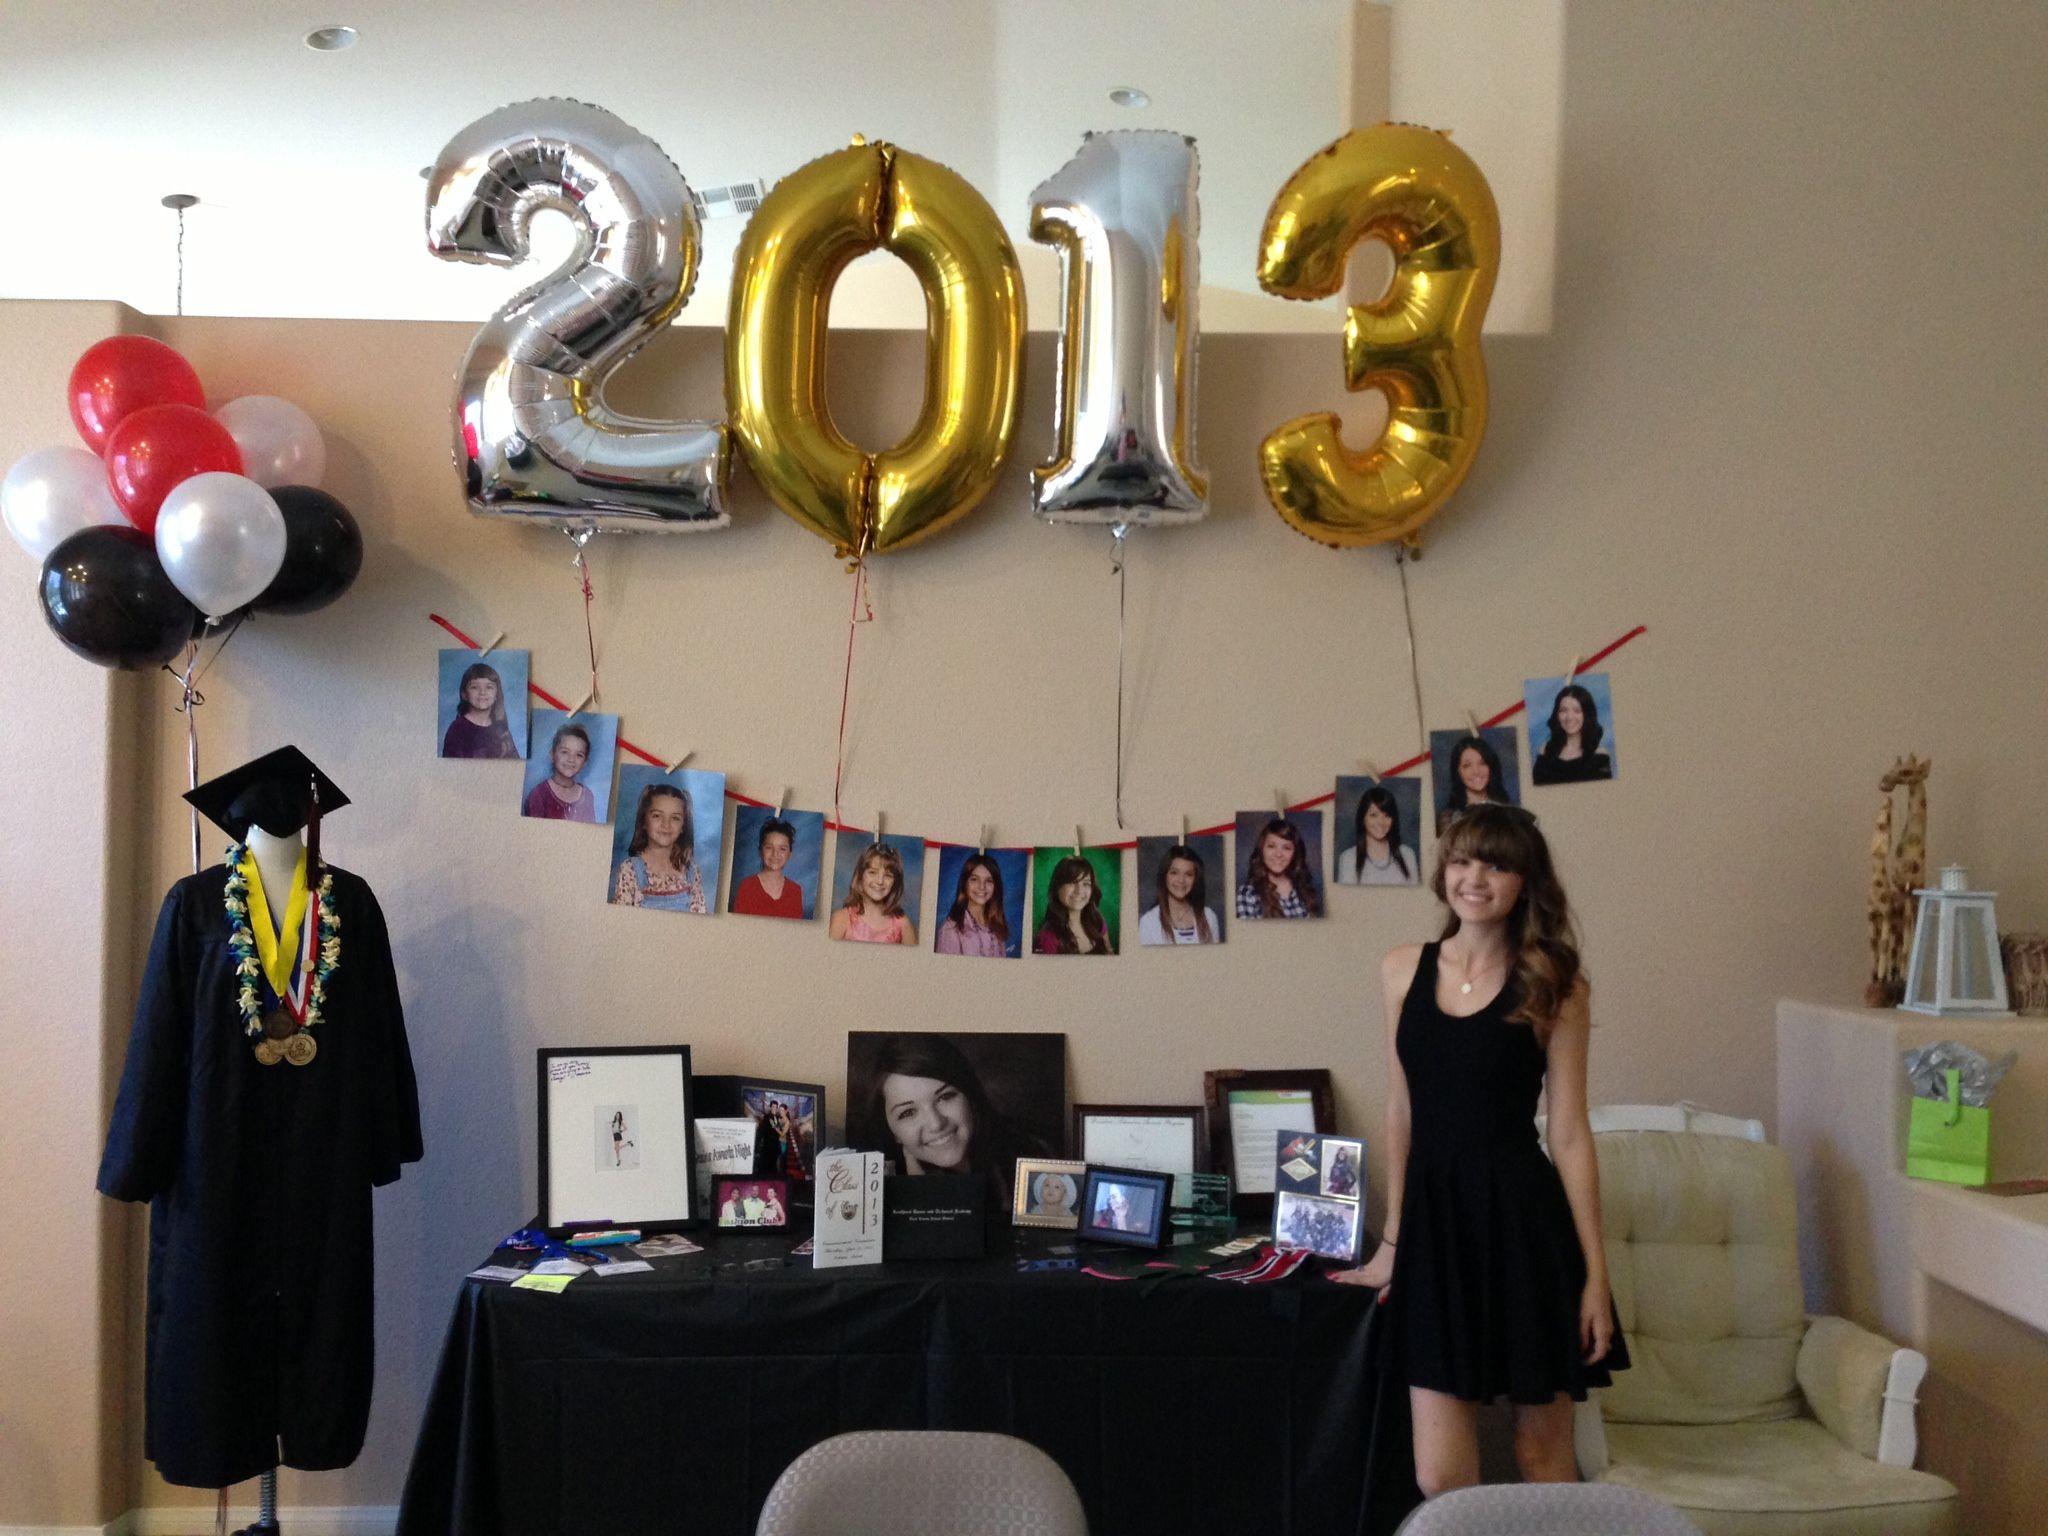 graduation party decoration ideas - Graduation Party